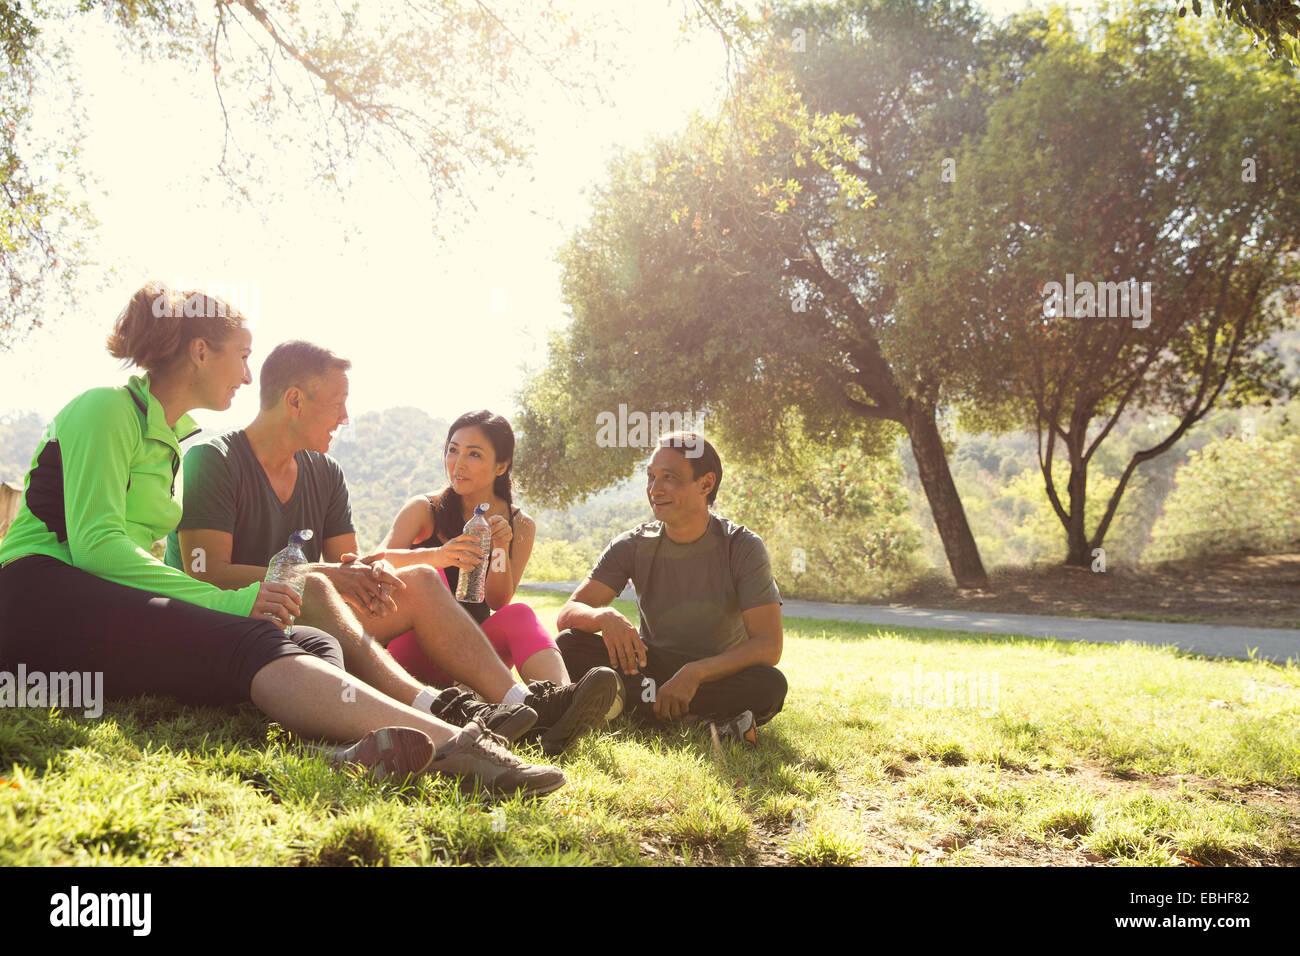 Quattro coppia maschile e femminile seduta in chat in posizione di parcheggio Immagini Stock